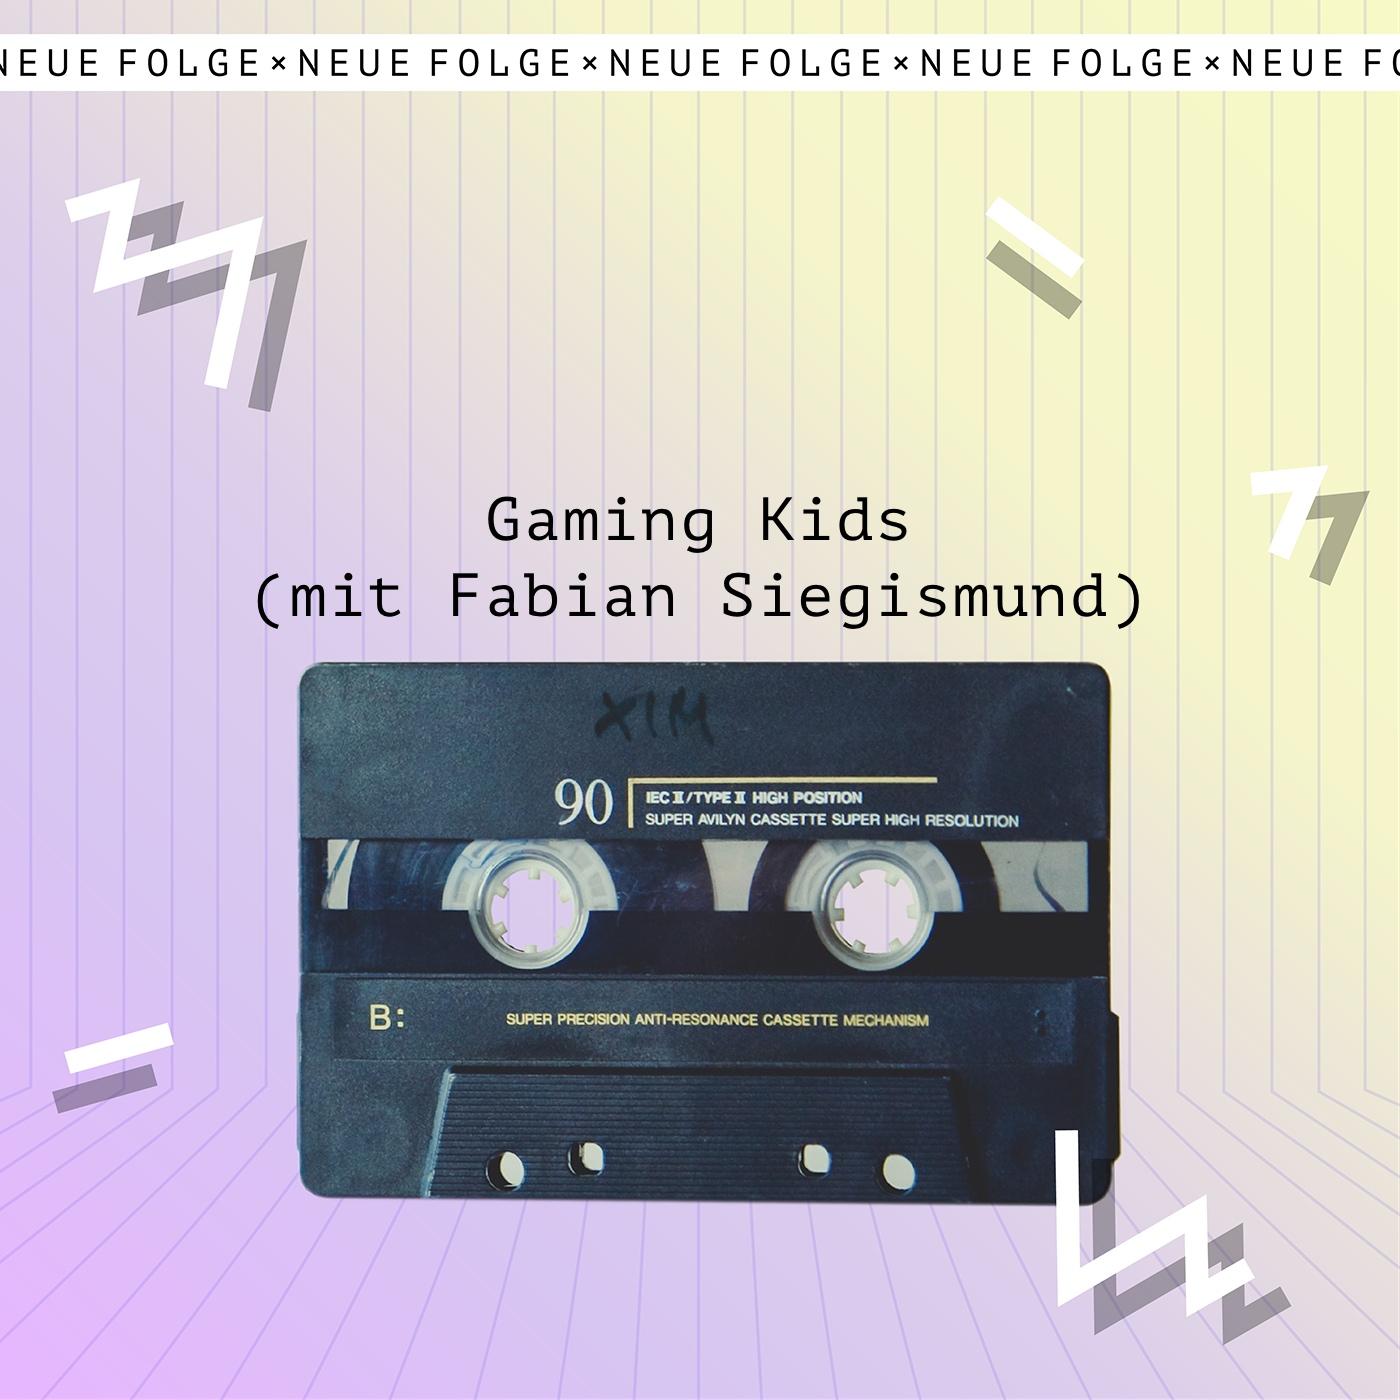 Gaming Kids (mit Fabian Siegismund)